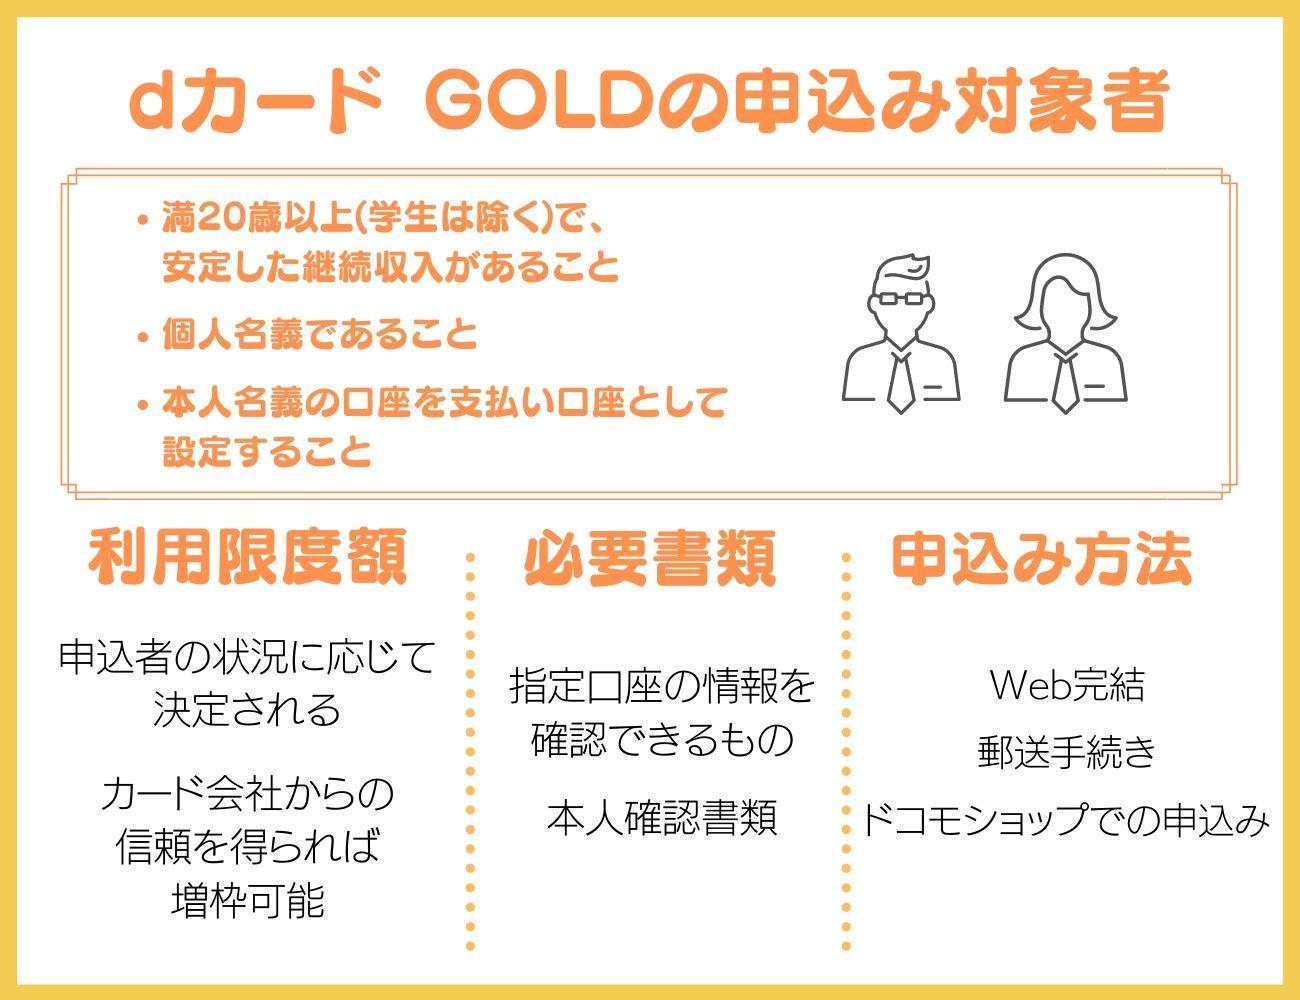 dカード GOLDの申込み対象者は比較的寛容!